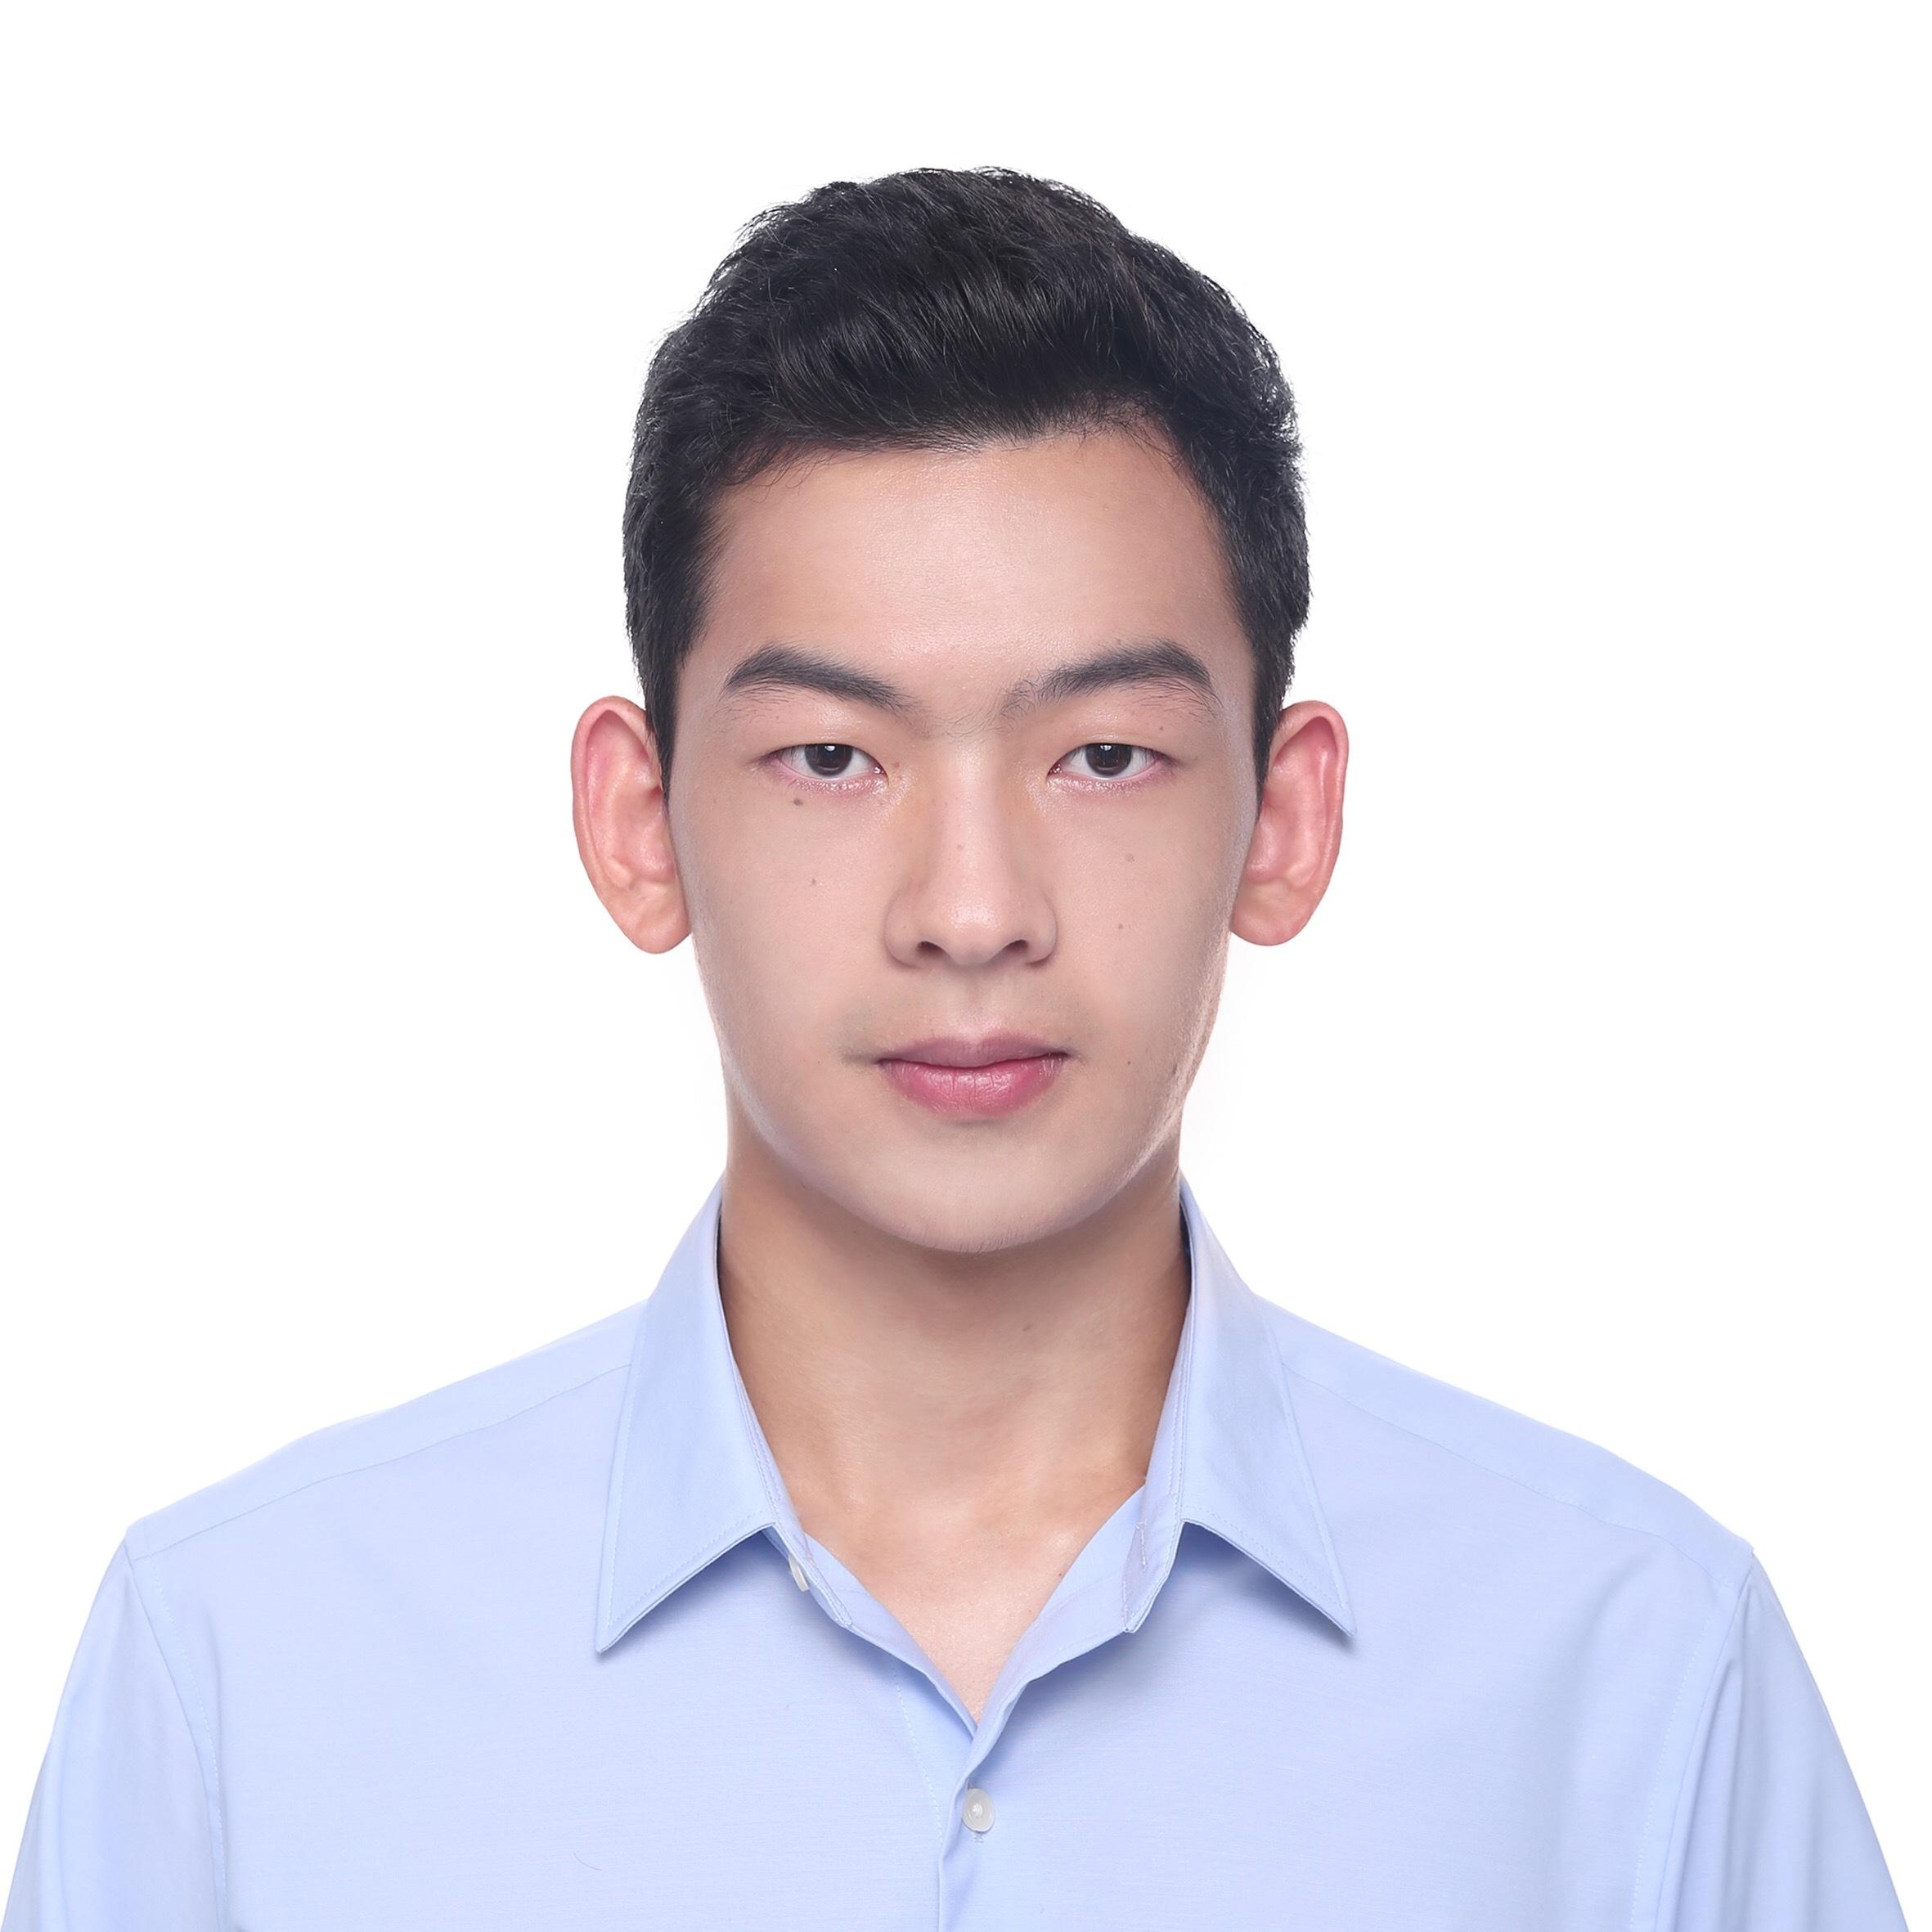 上海家教鲍老师